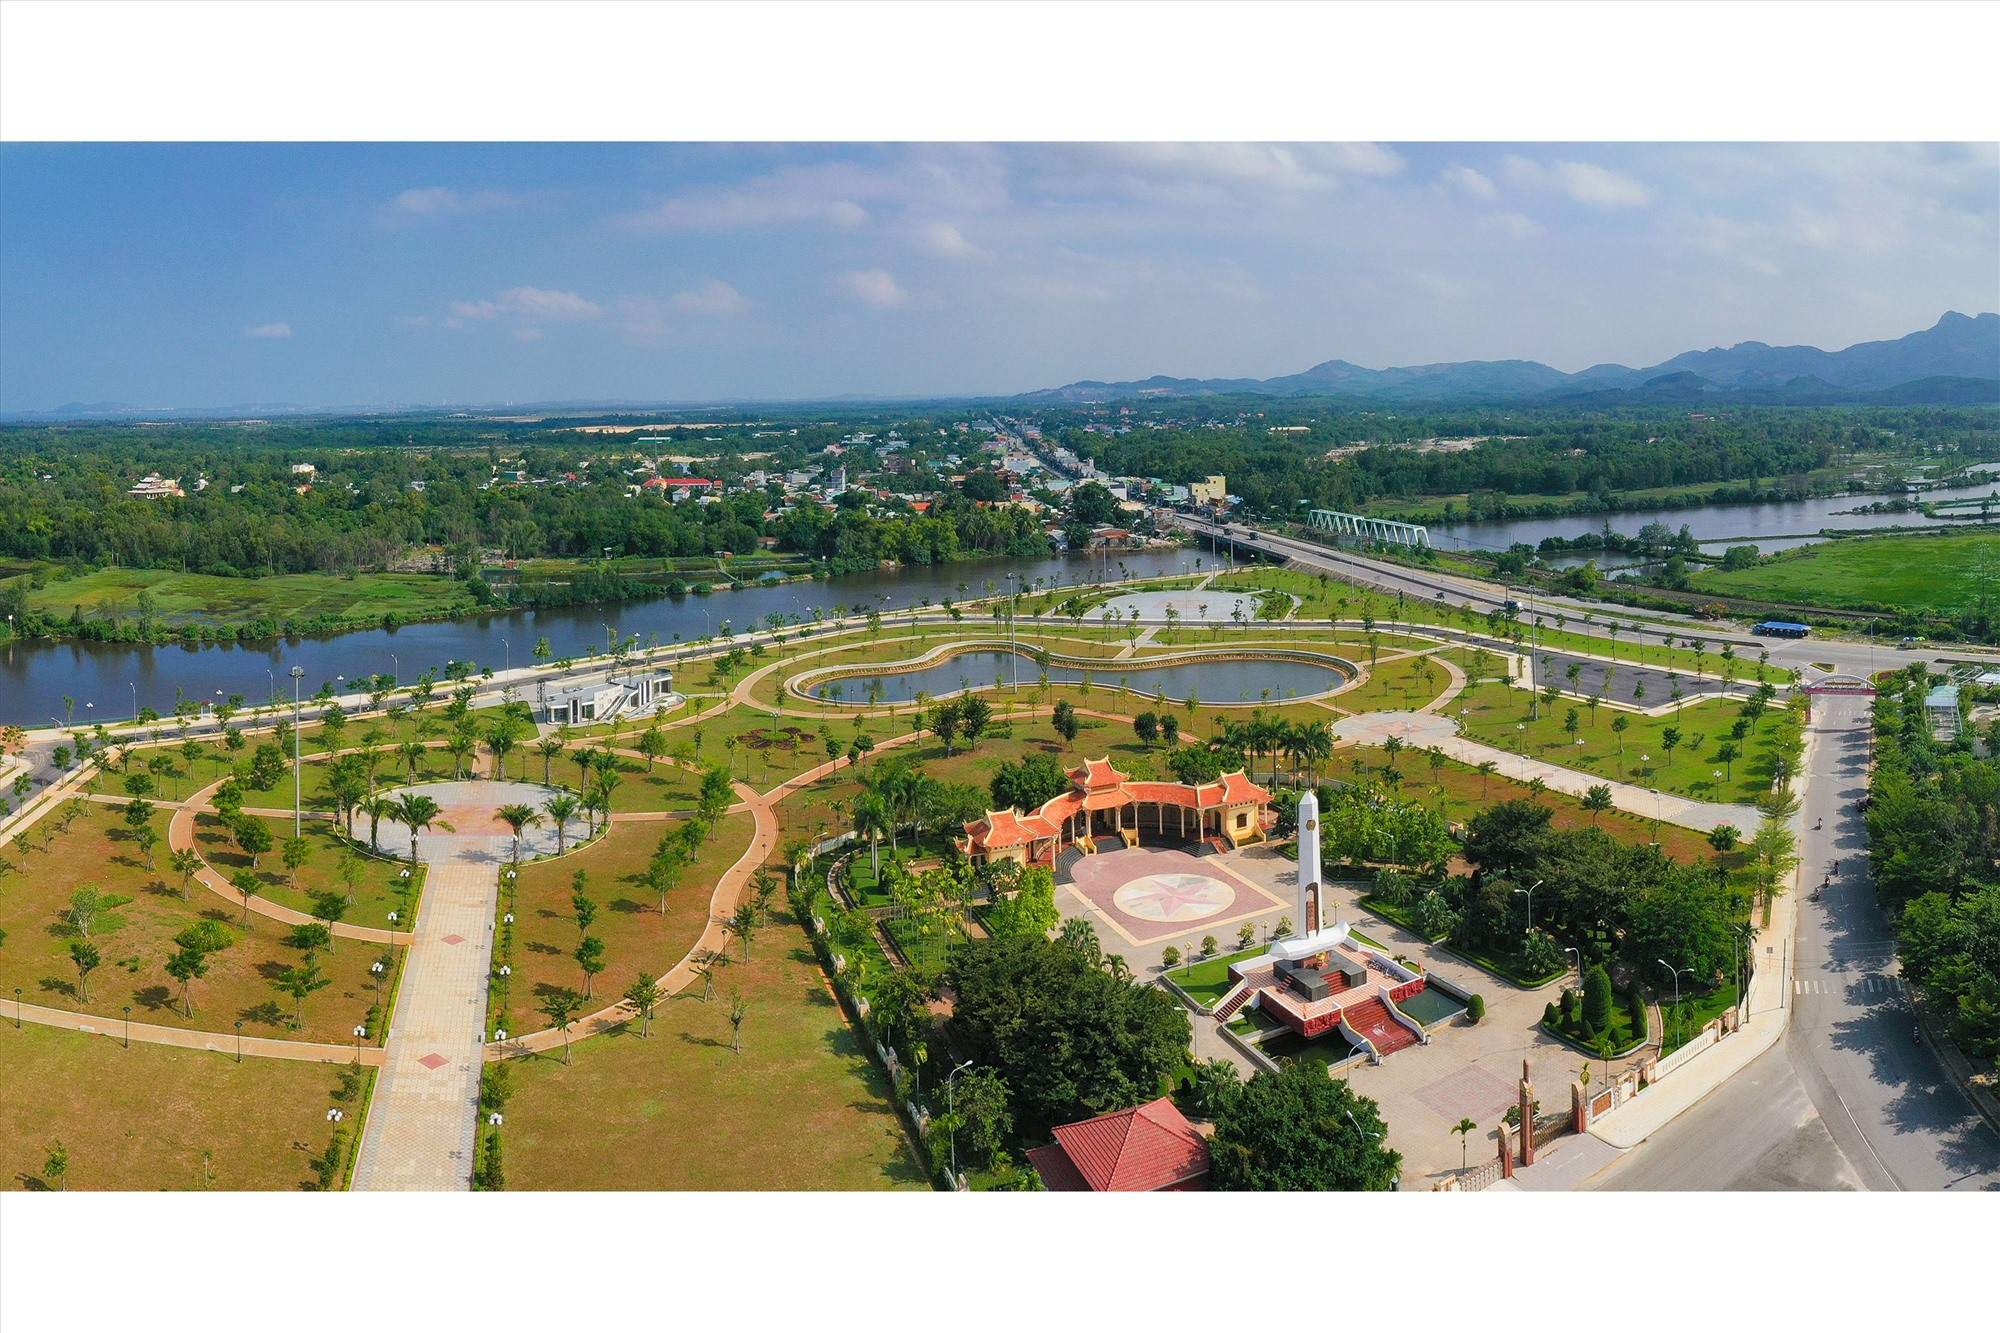 Núi Thành xác định xây dựng đô thị hiện đại theo hướng bền vững, bảo tồn văn hóa và gắn với môi trường. Ảnh: HU.NT